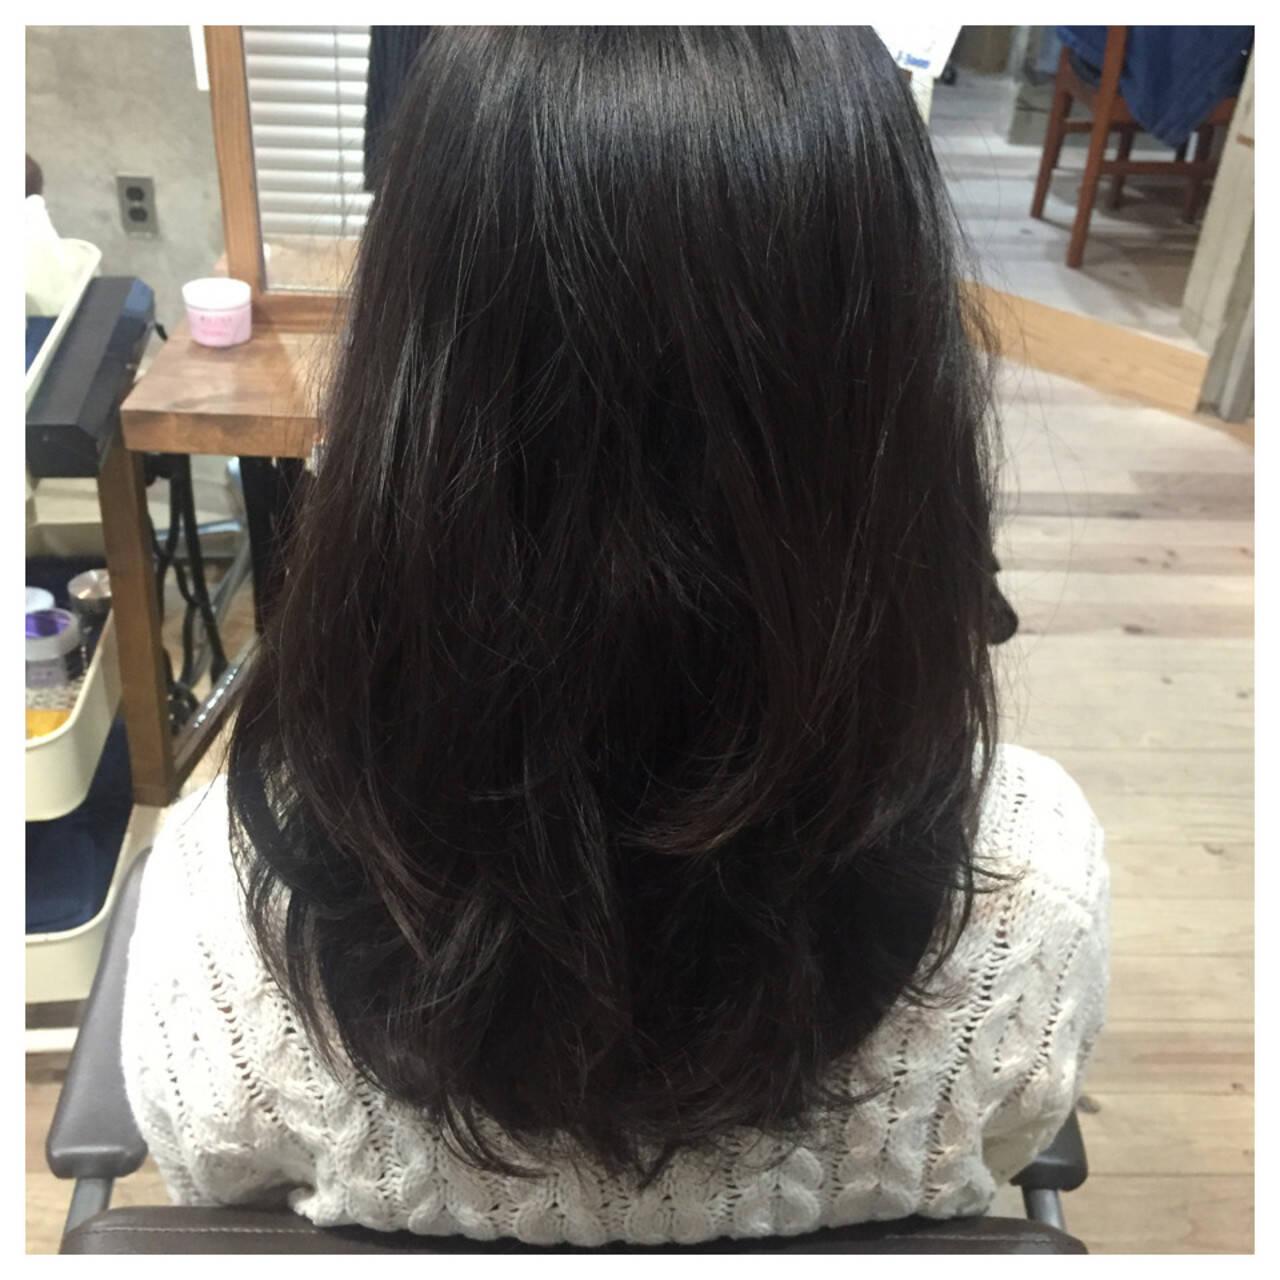 大人かわいい 黒髪 ゆるふわ ロングヘアスタイルや髪型の写真・画像